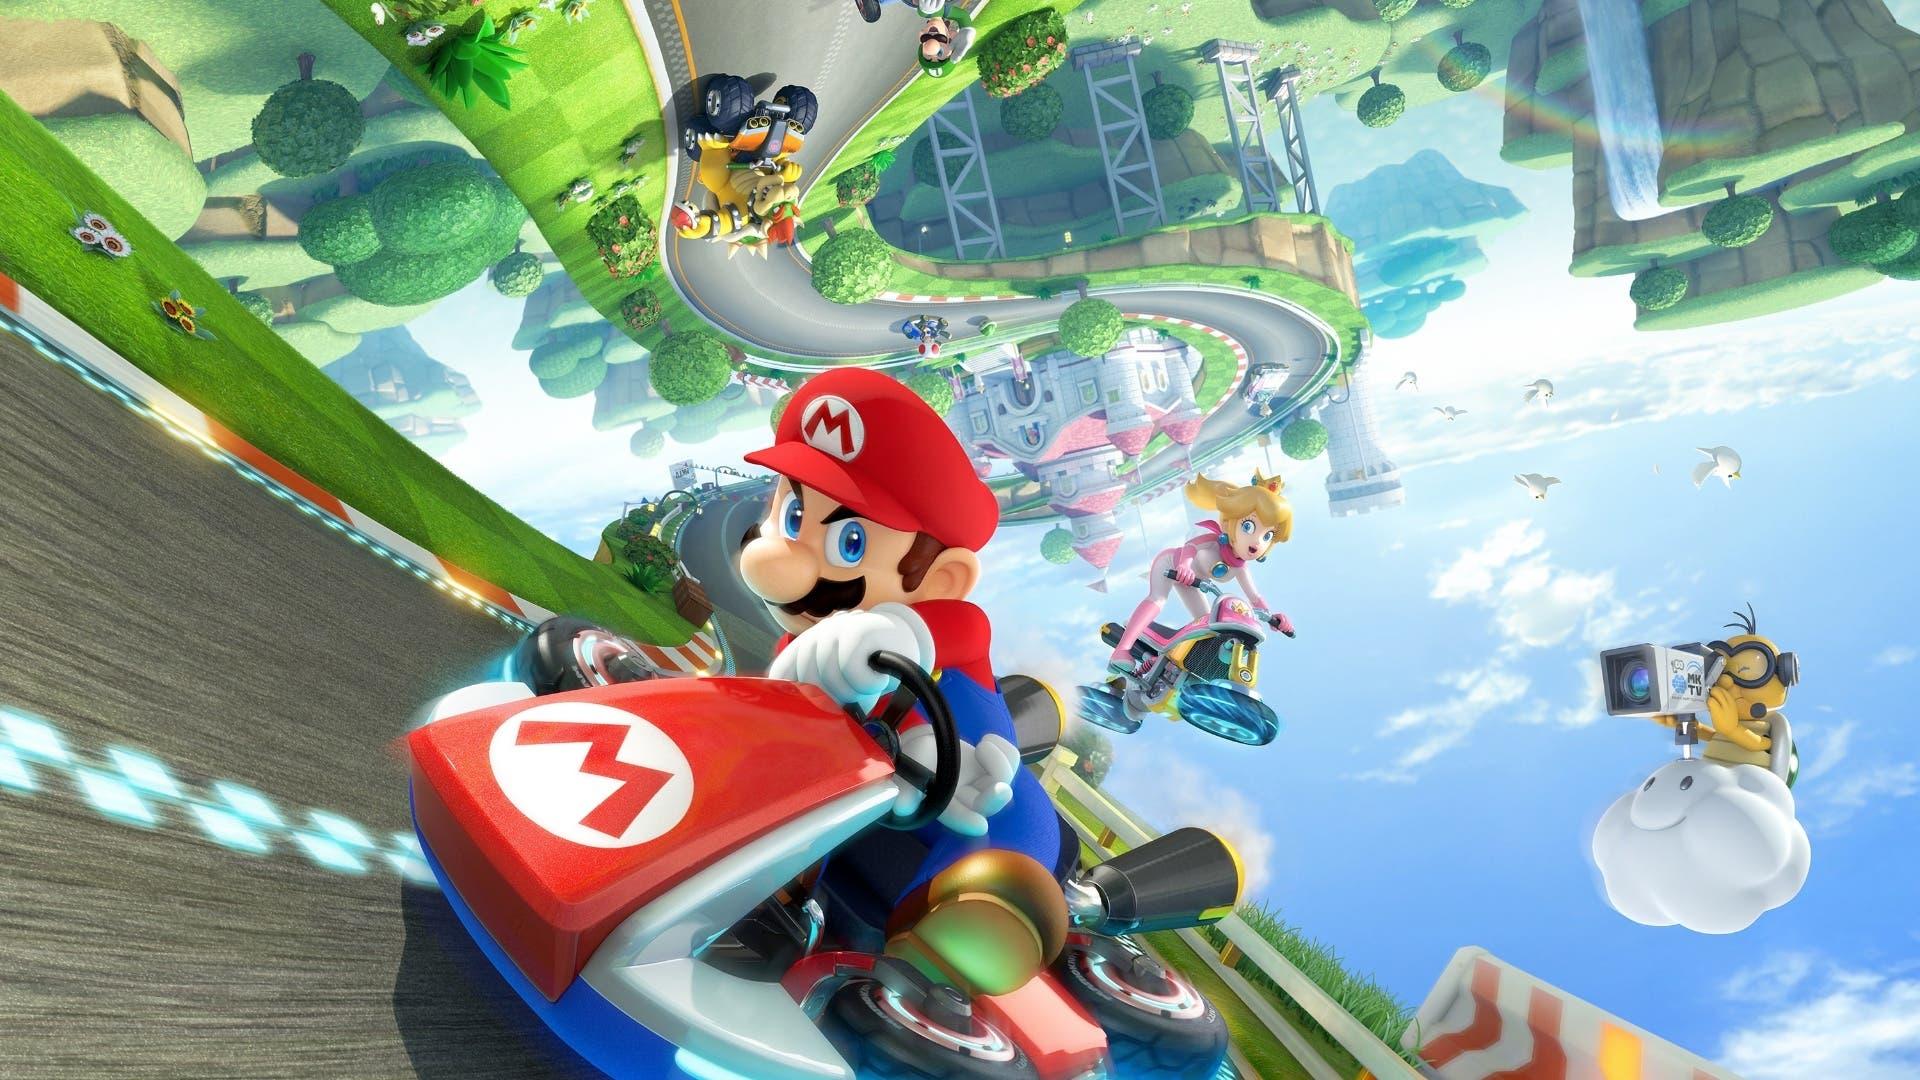 Imagen de Mario Kart 8 Deluxe sorprende y se cuela entre los más vendidos esta semana en Reino Unido